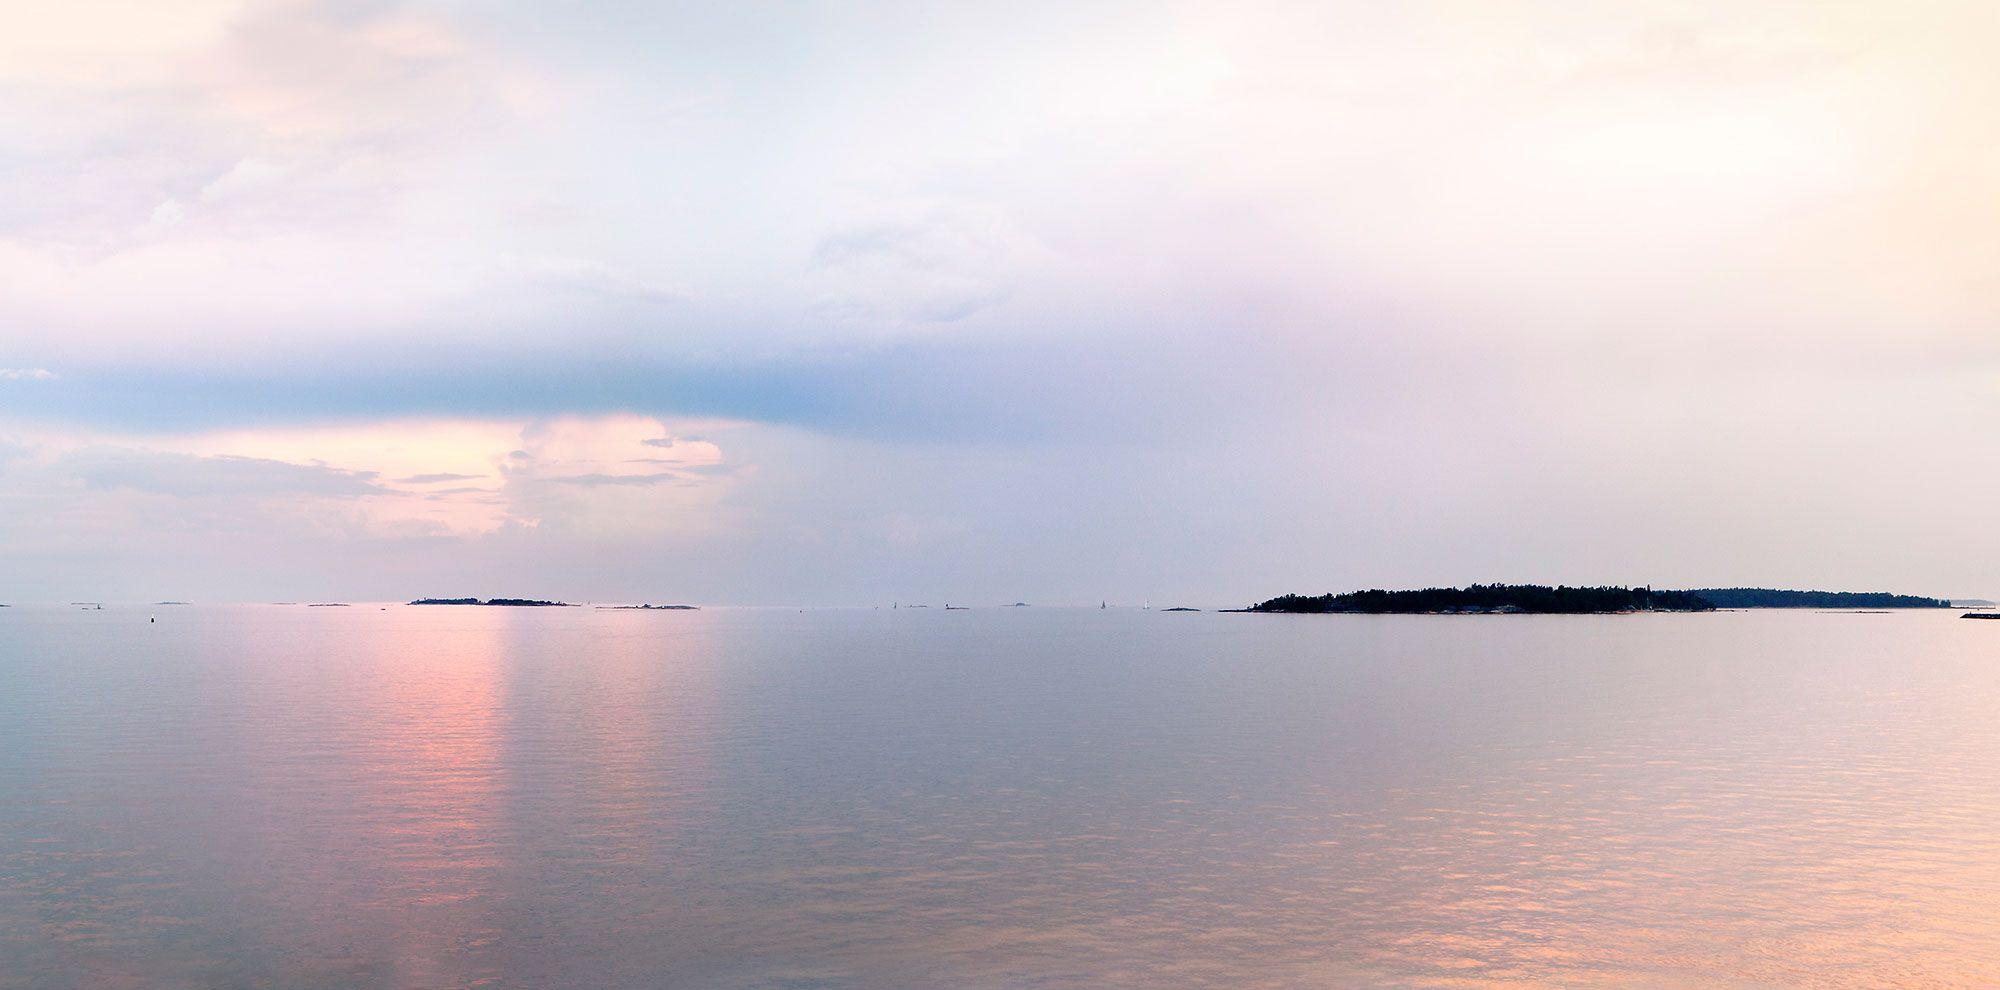 自然が生み出す、美しい光と色を原田が撮影した1カット。Meri 2019